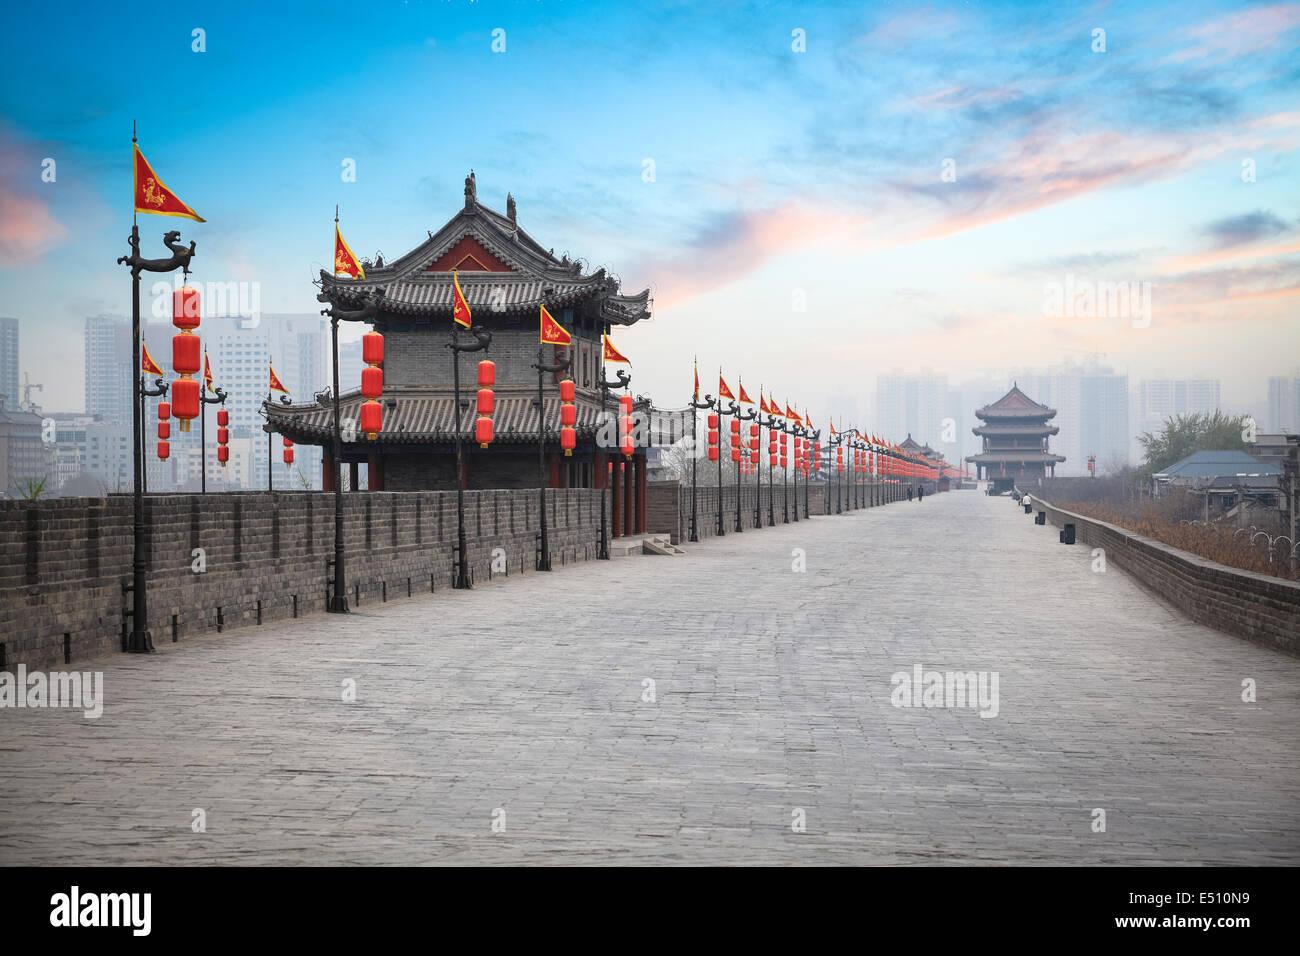 xian ancient city wall at dusk - Stock Image